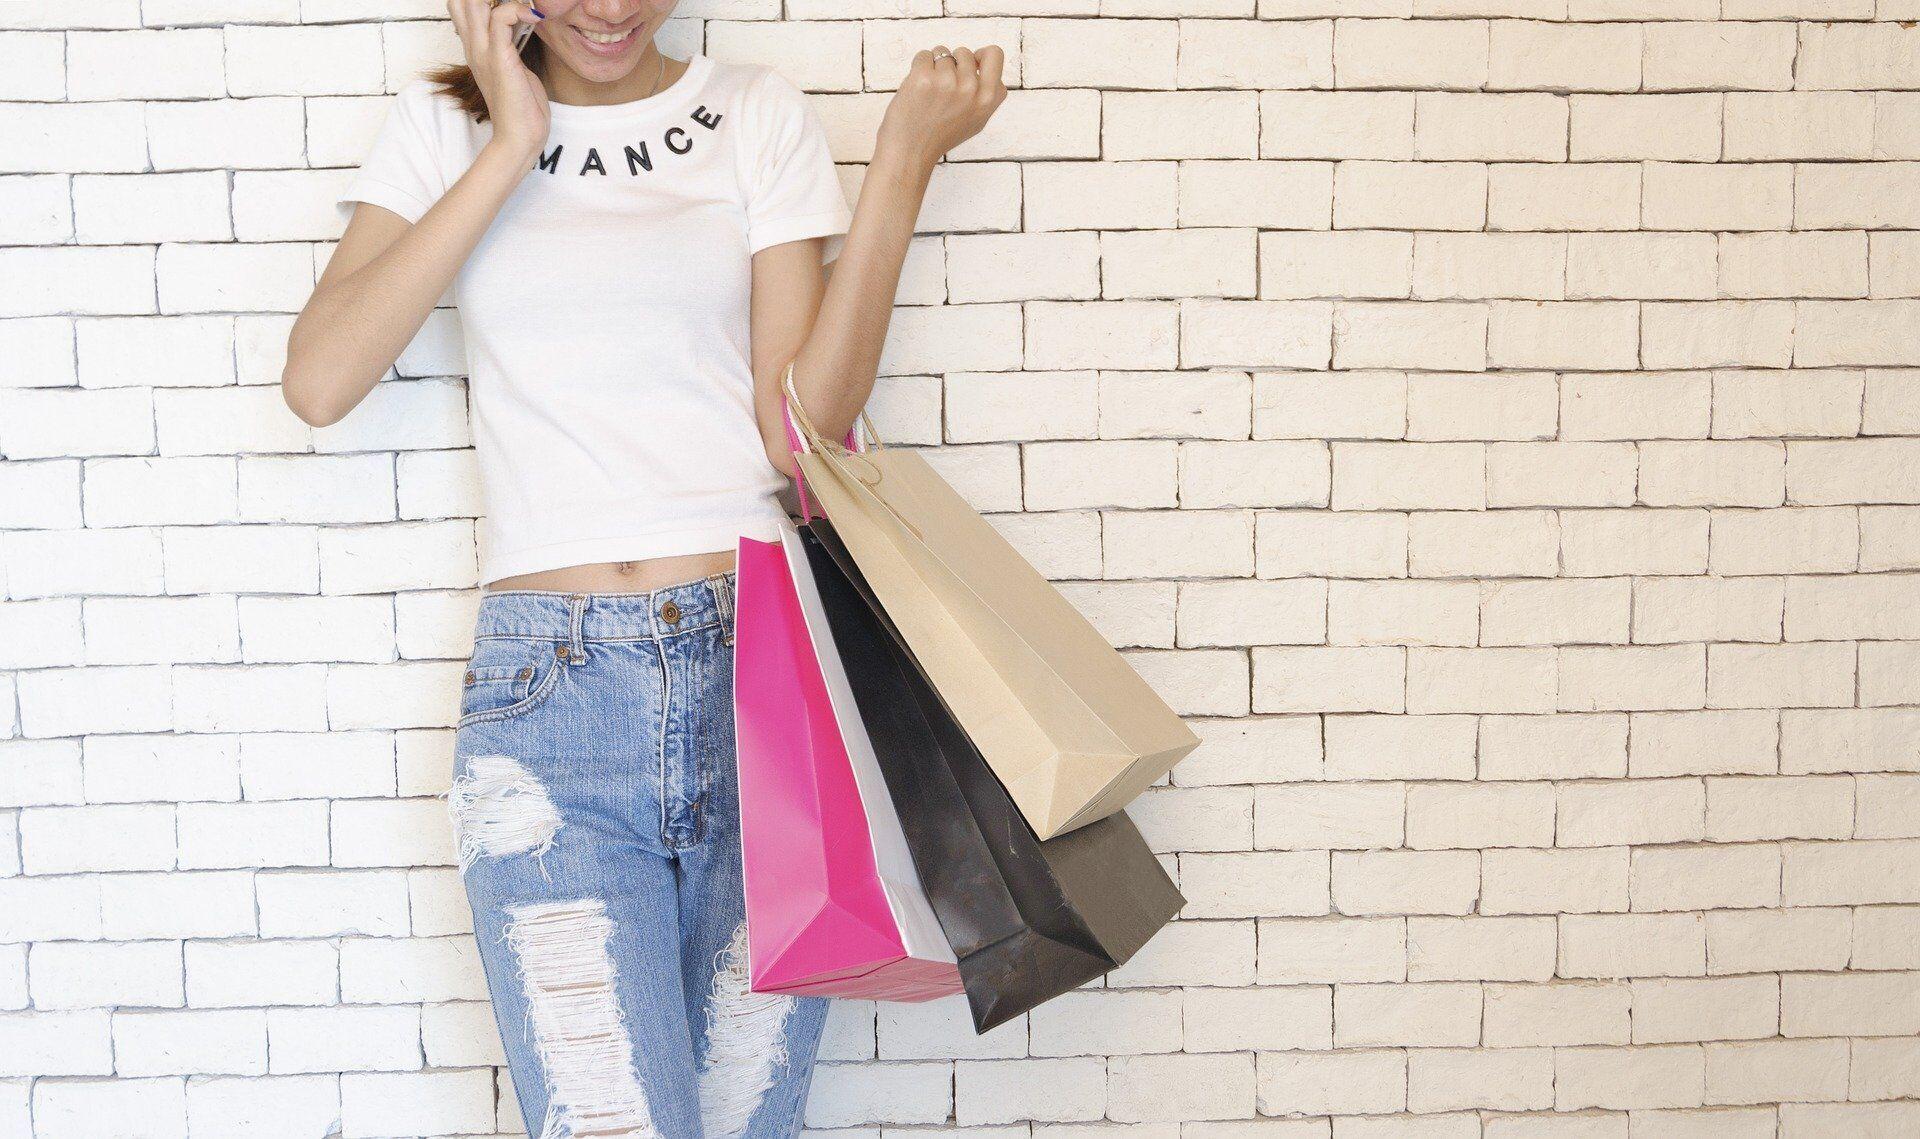 Всесвітній день шопінгу.